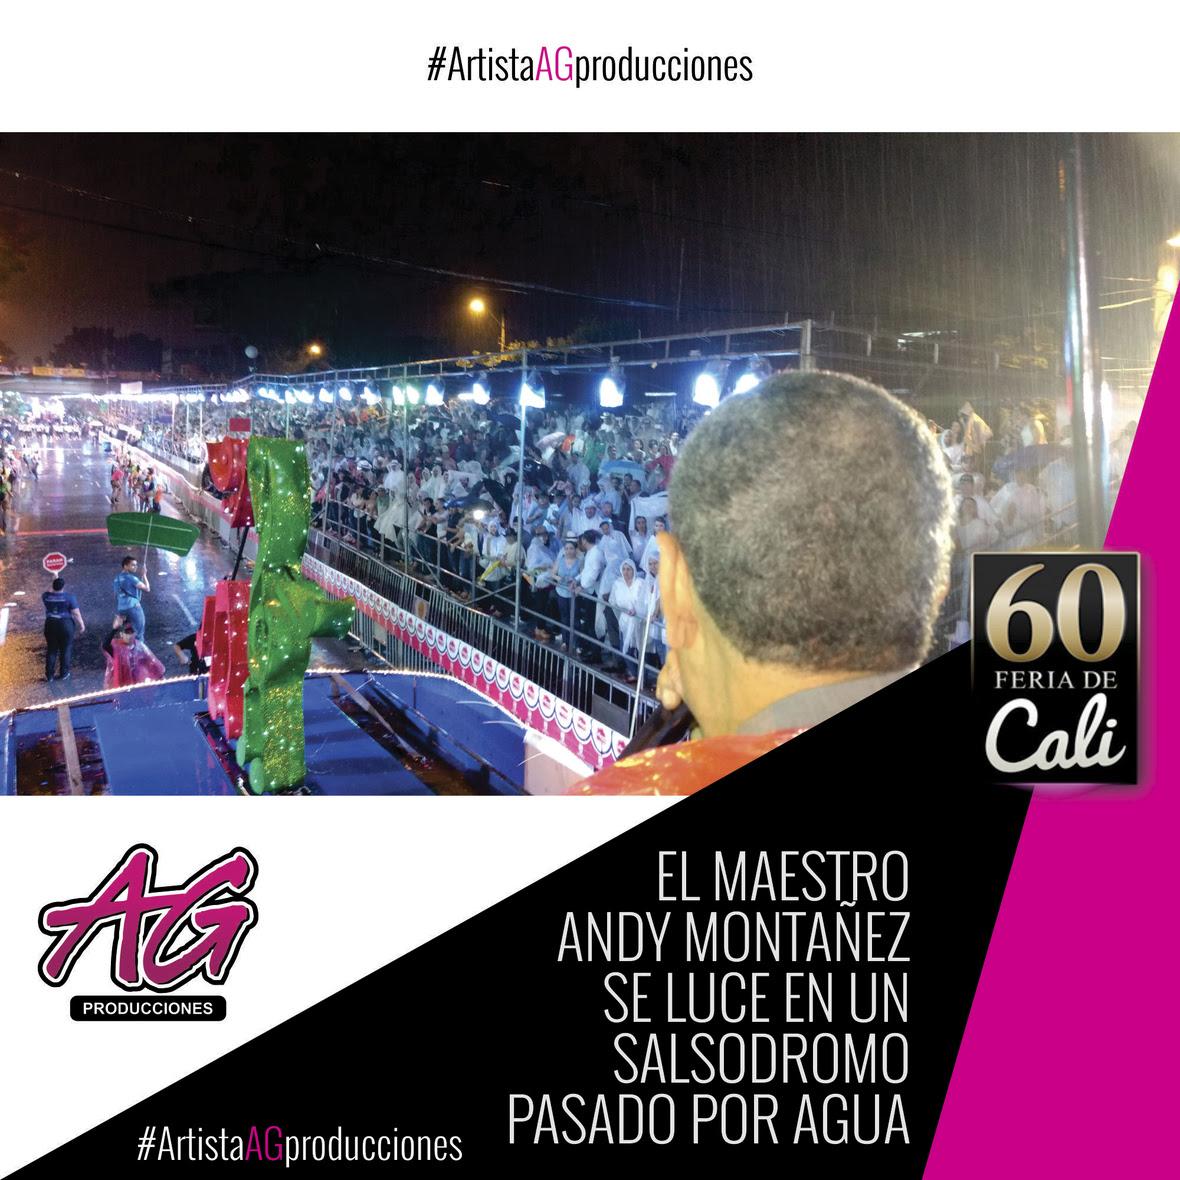 01 AG PRODUCCIONES - FERIA DE CALI 2017 DIA 01 DIC25 ANDY MONTANEZ